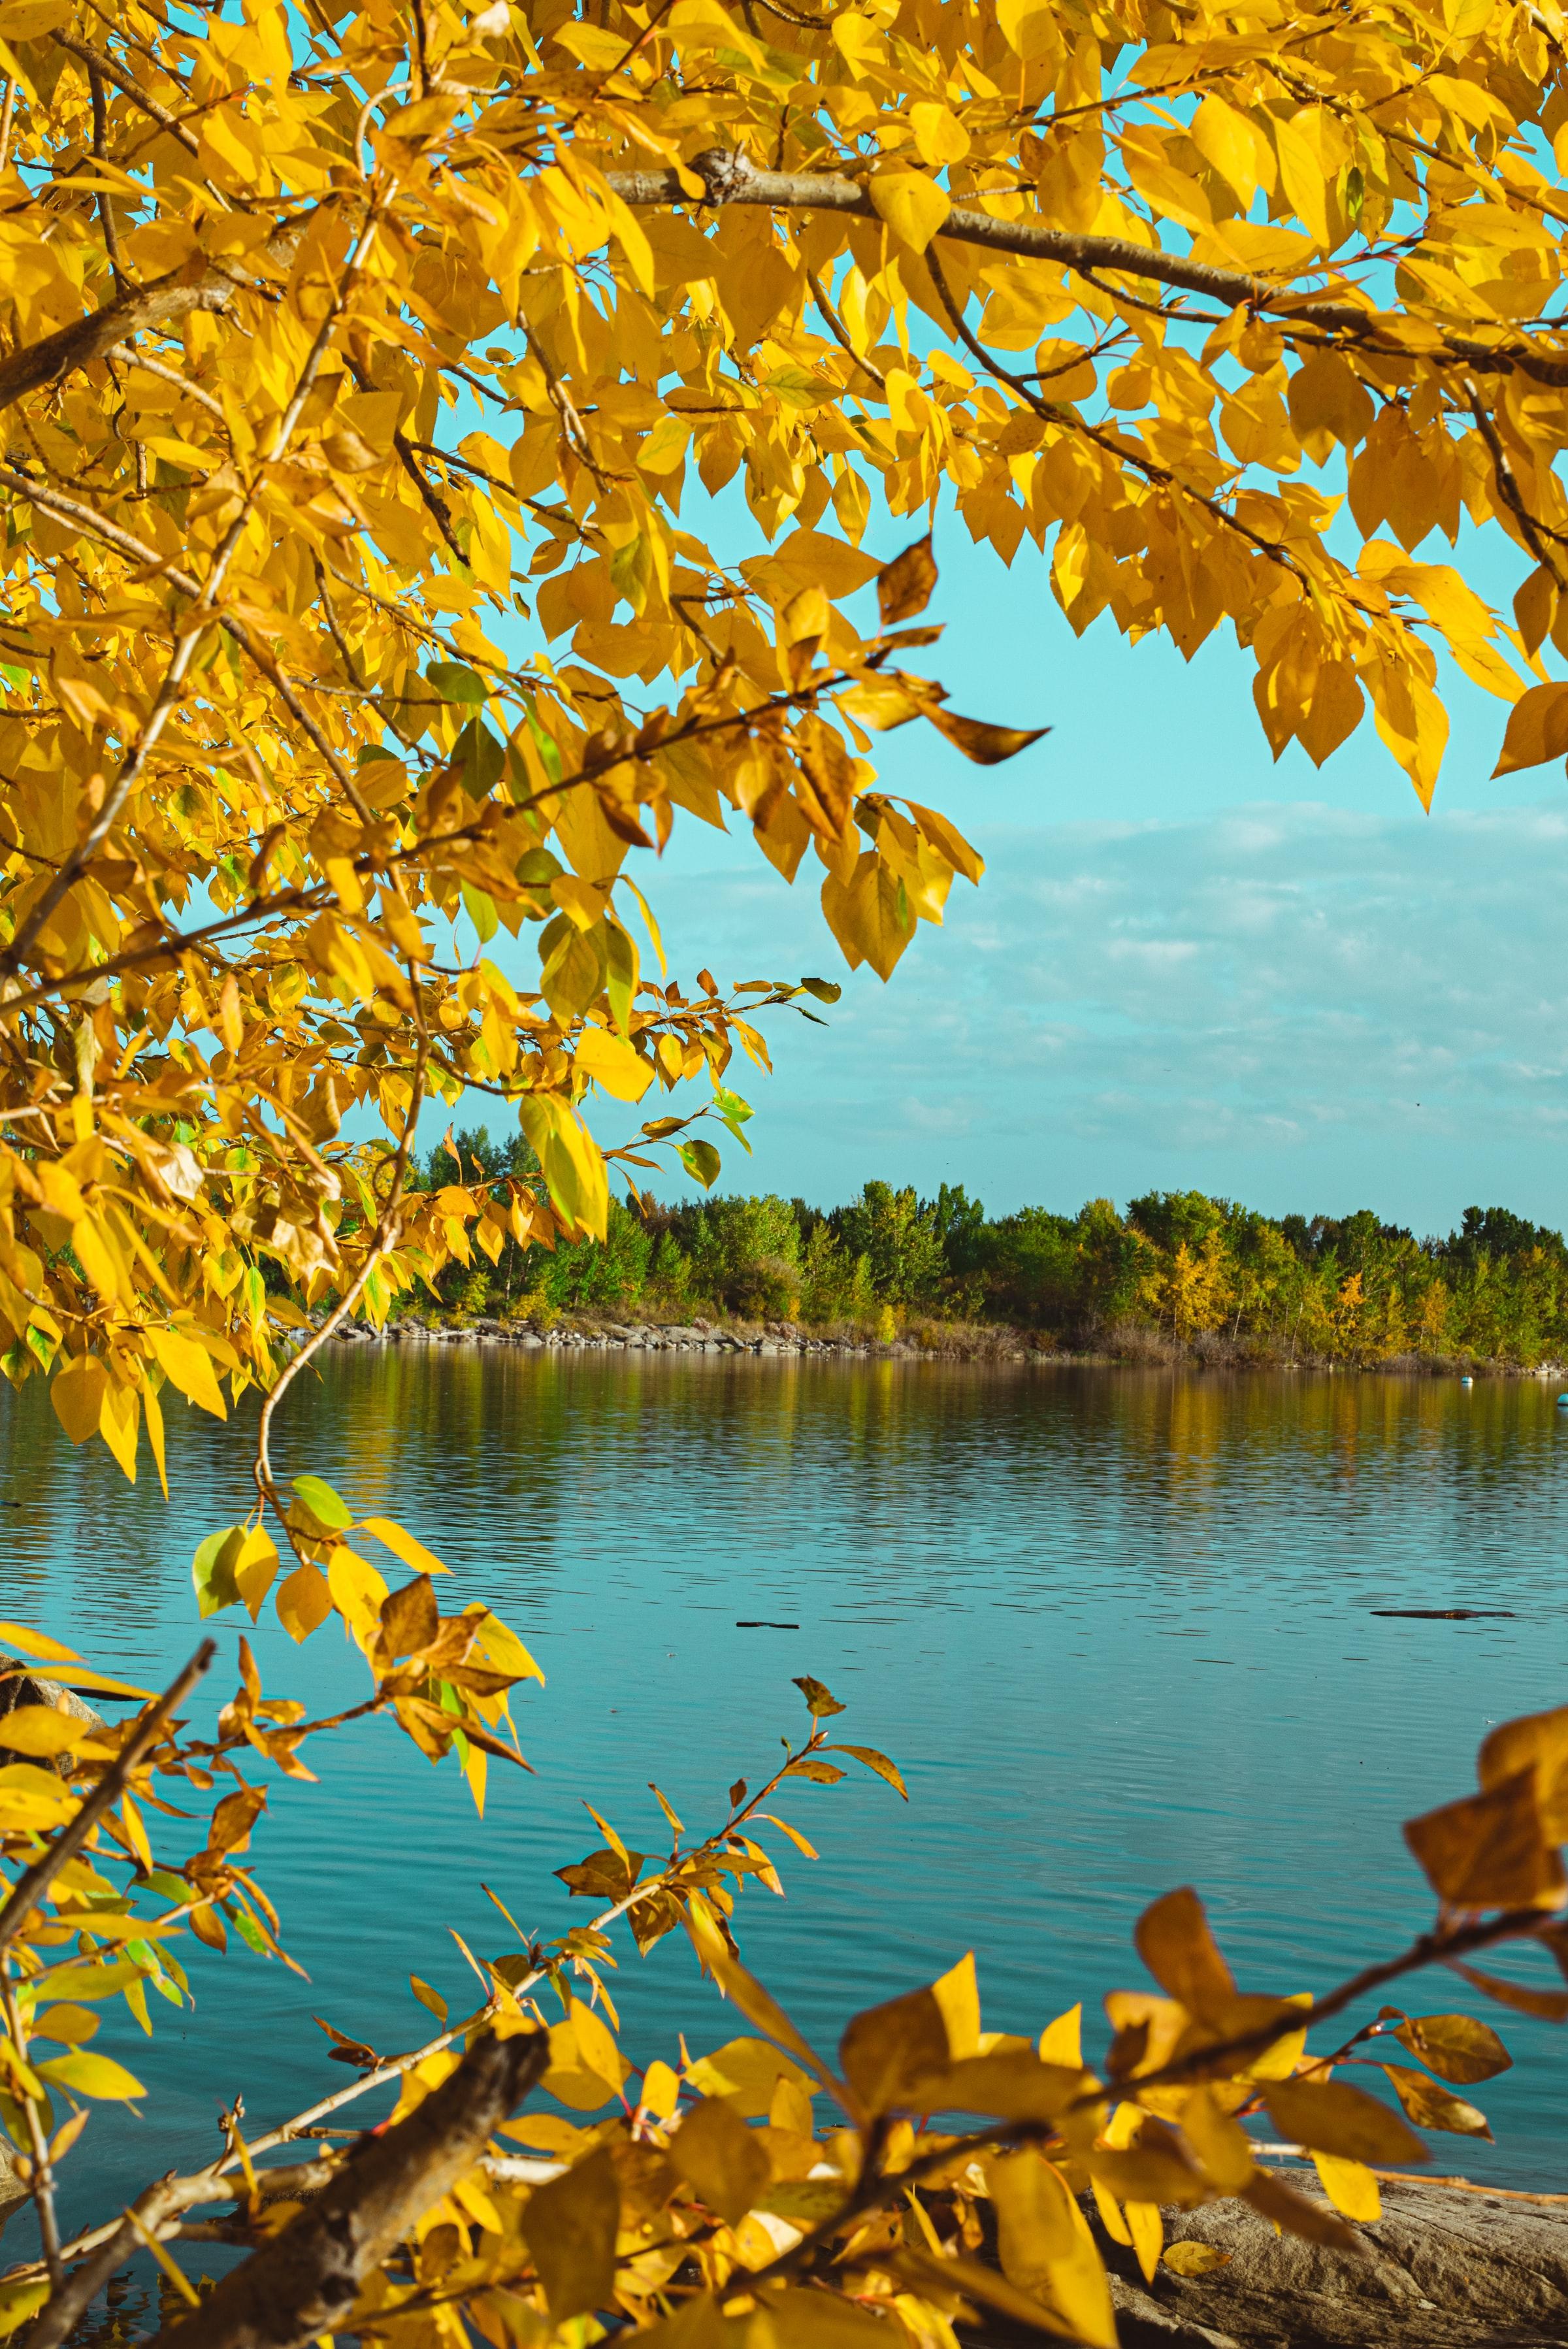 Лучшие заставки и фоны Осень на мобильный